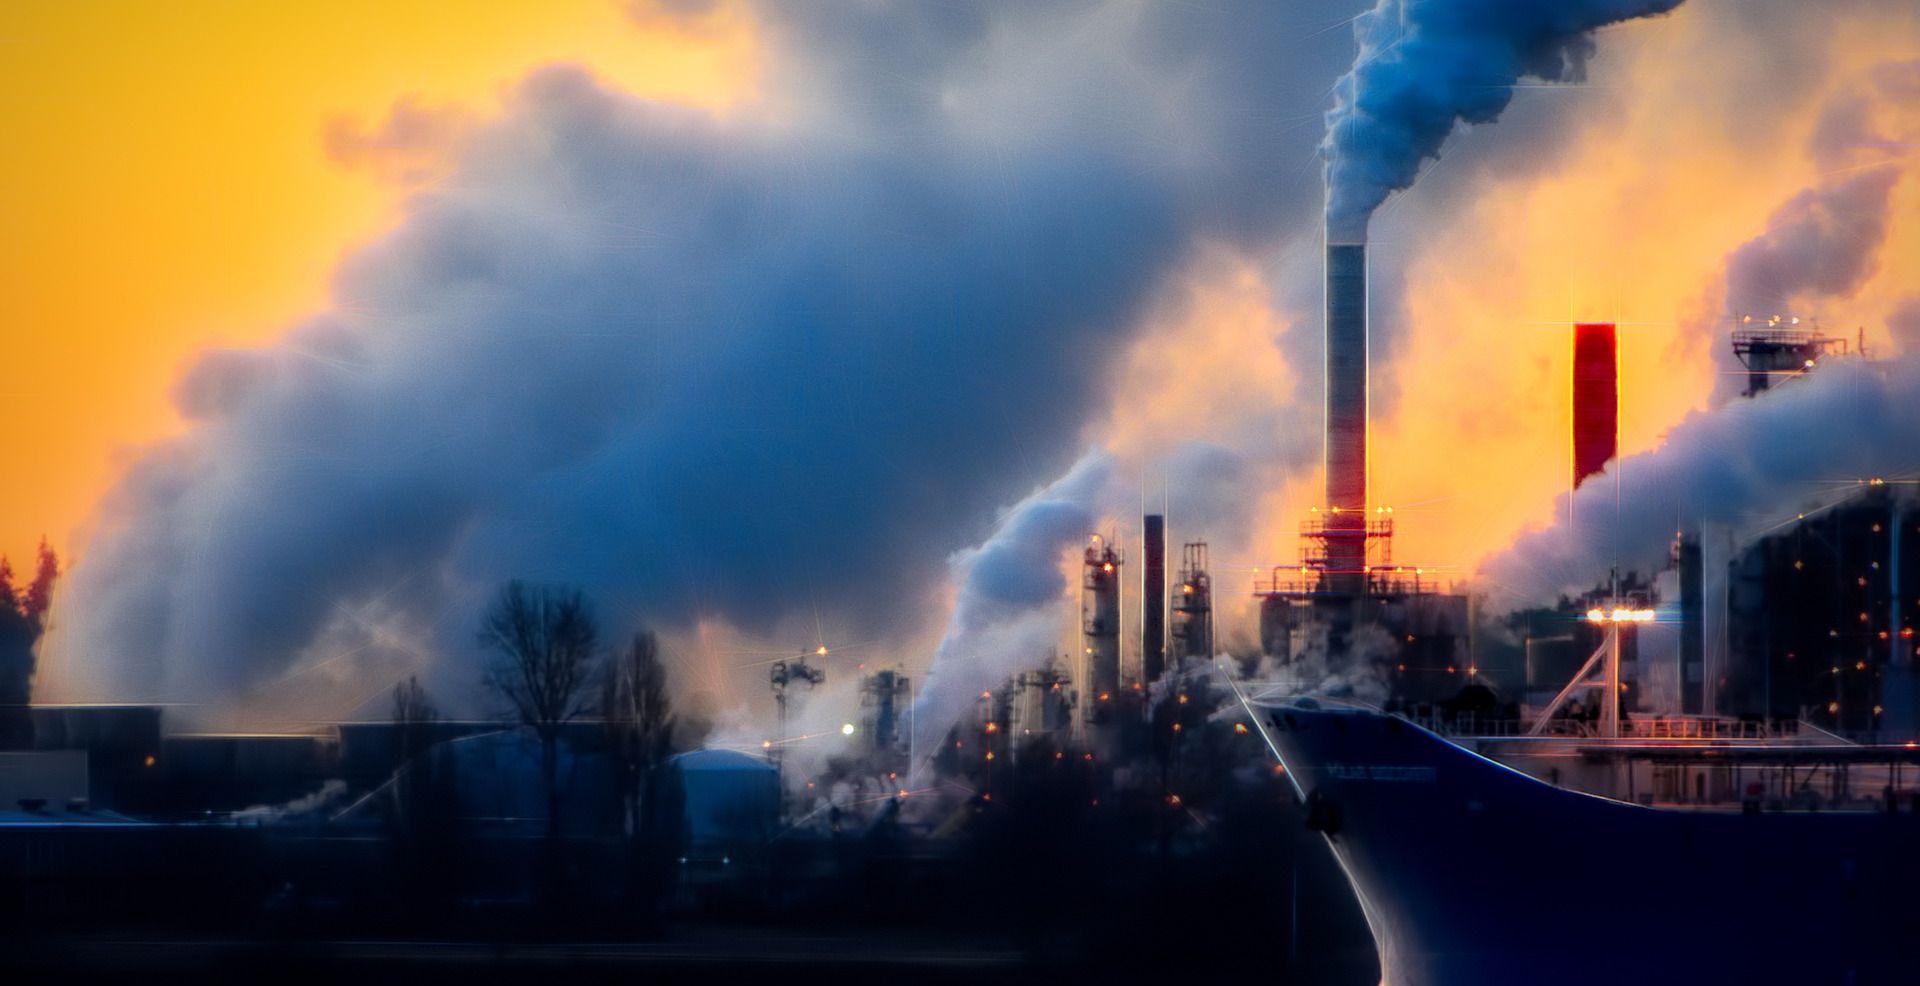 FELJTON U Parizu počinje nova bitka za budućnost Zemlje